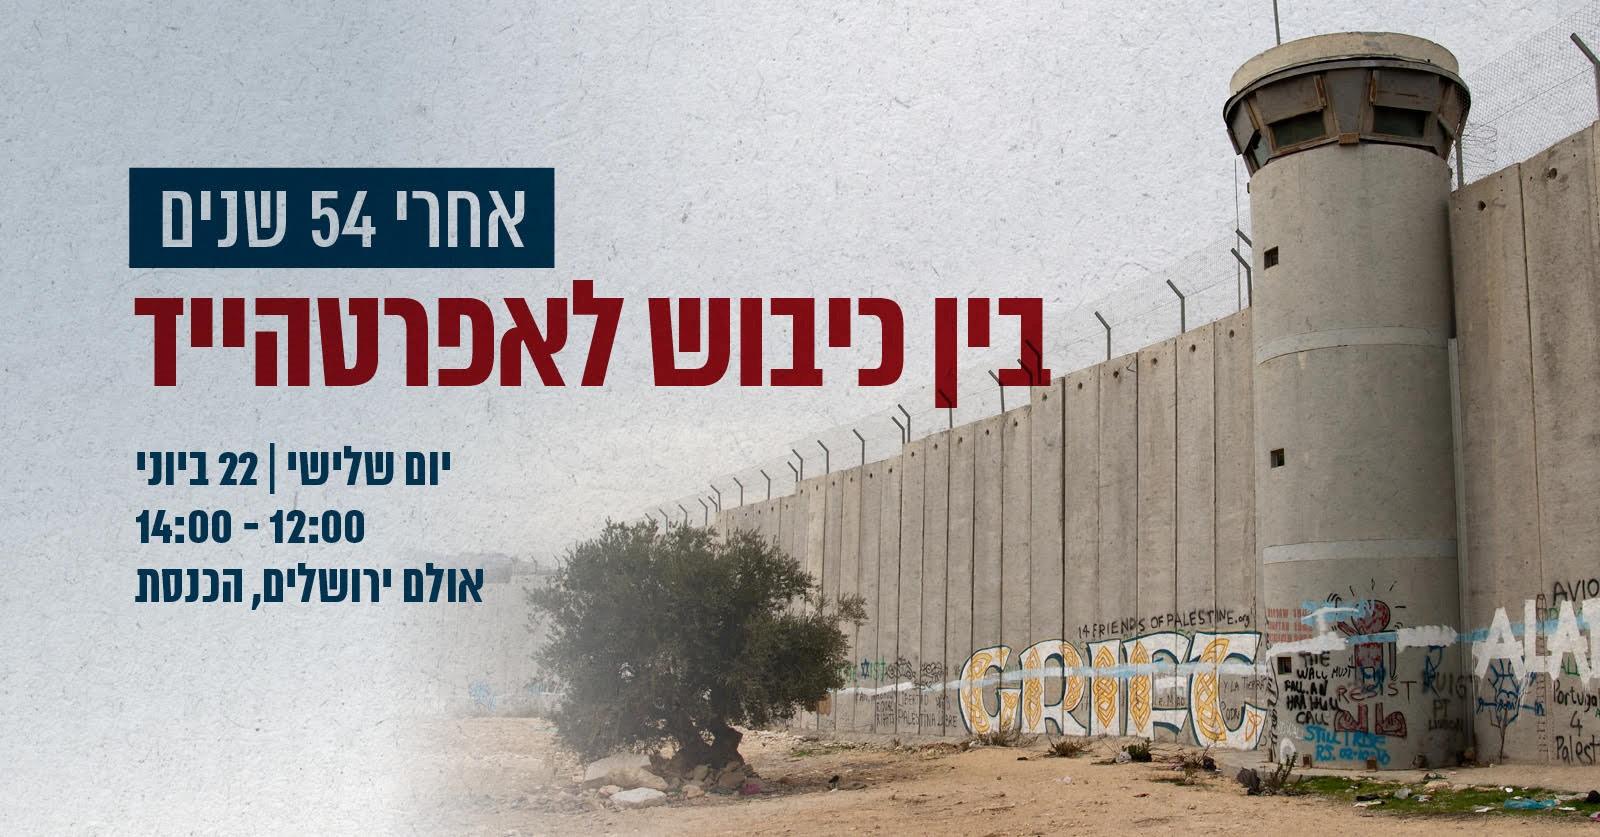 אחרי 54 שנים – בין כיבוש לאפרטהייד: הימין דורש לבטל כנס שייערך בכנסת